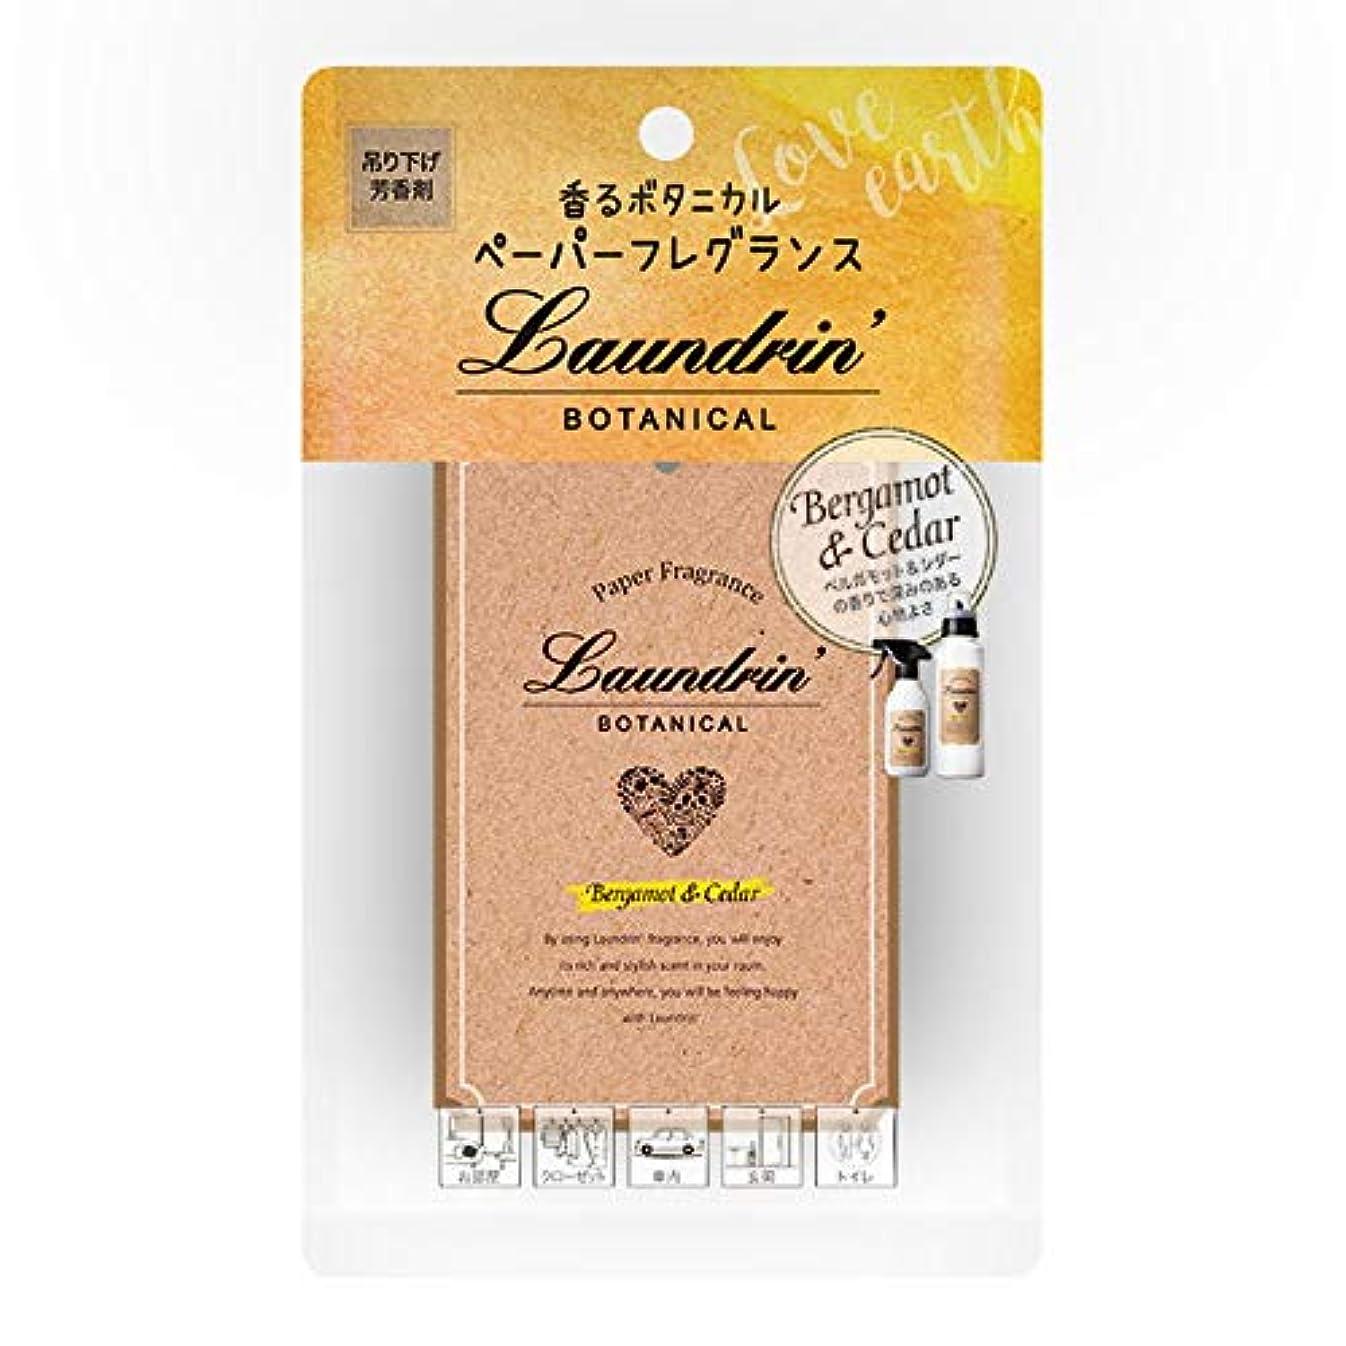 天皇端末過激派ランドリン ボタニカル ペーパーフレグランス ベルガモット&シダー (1枚) 芳香剤